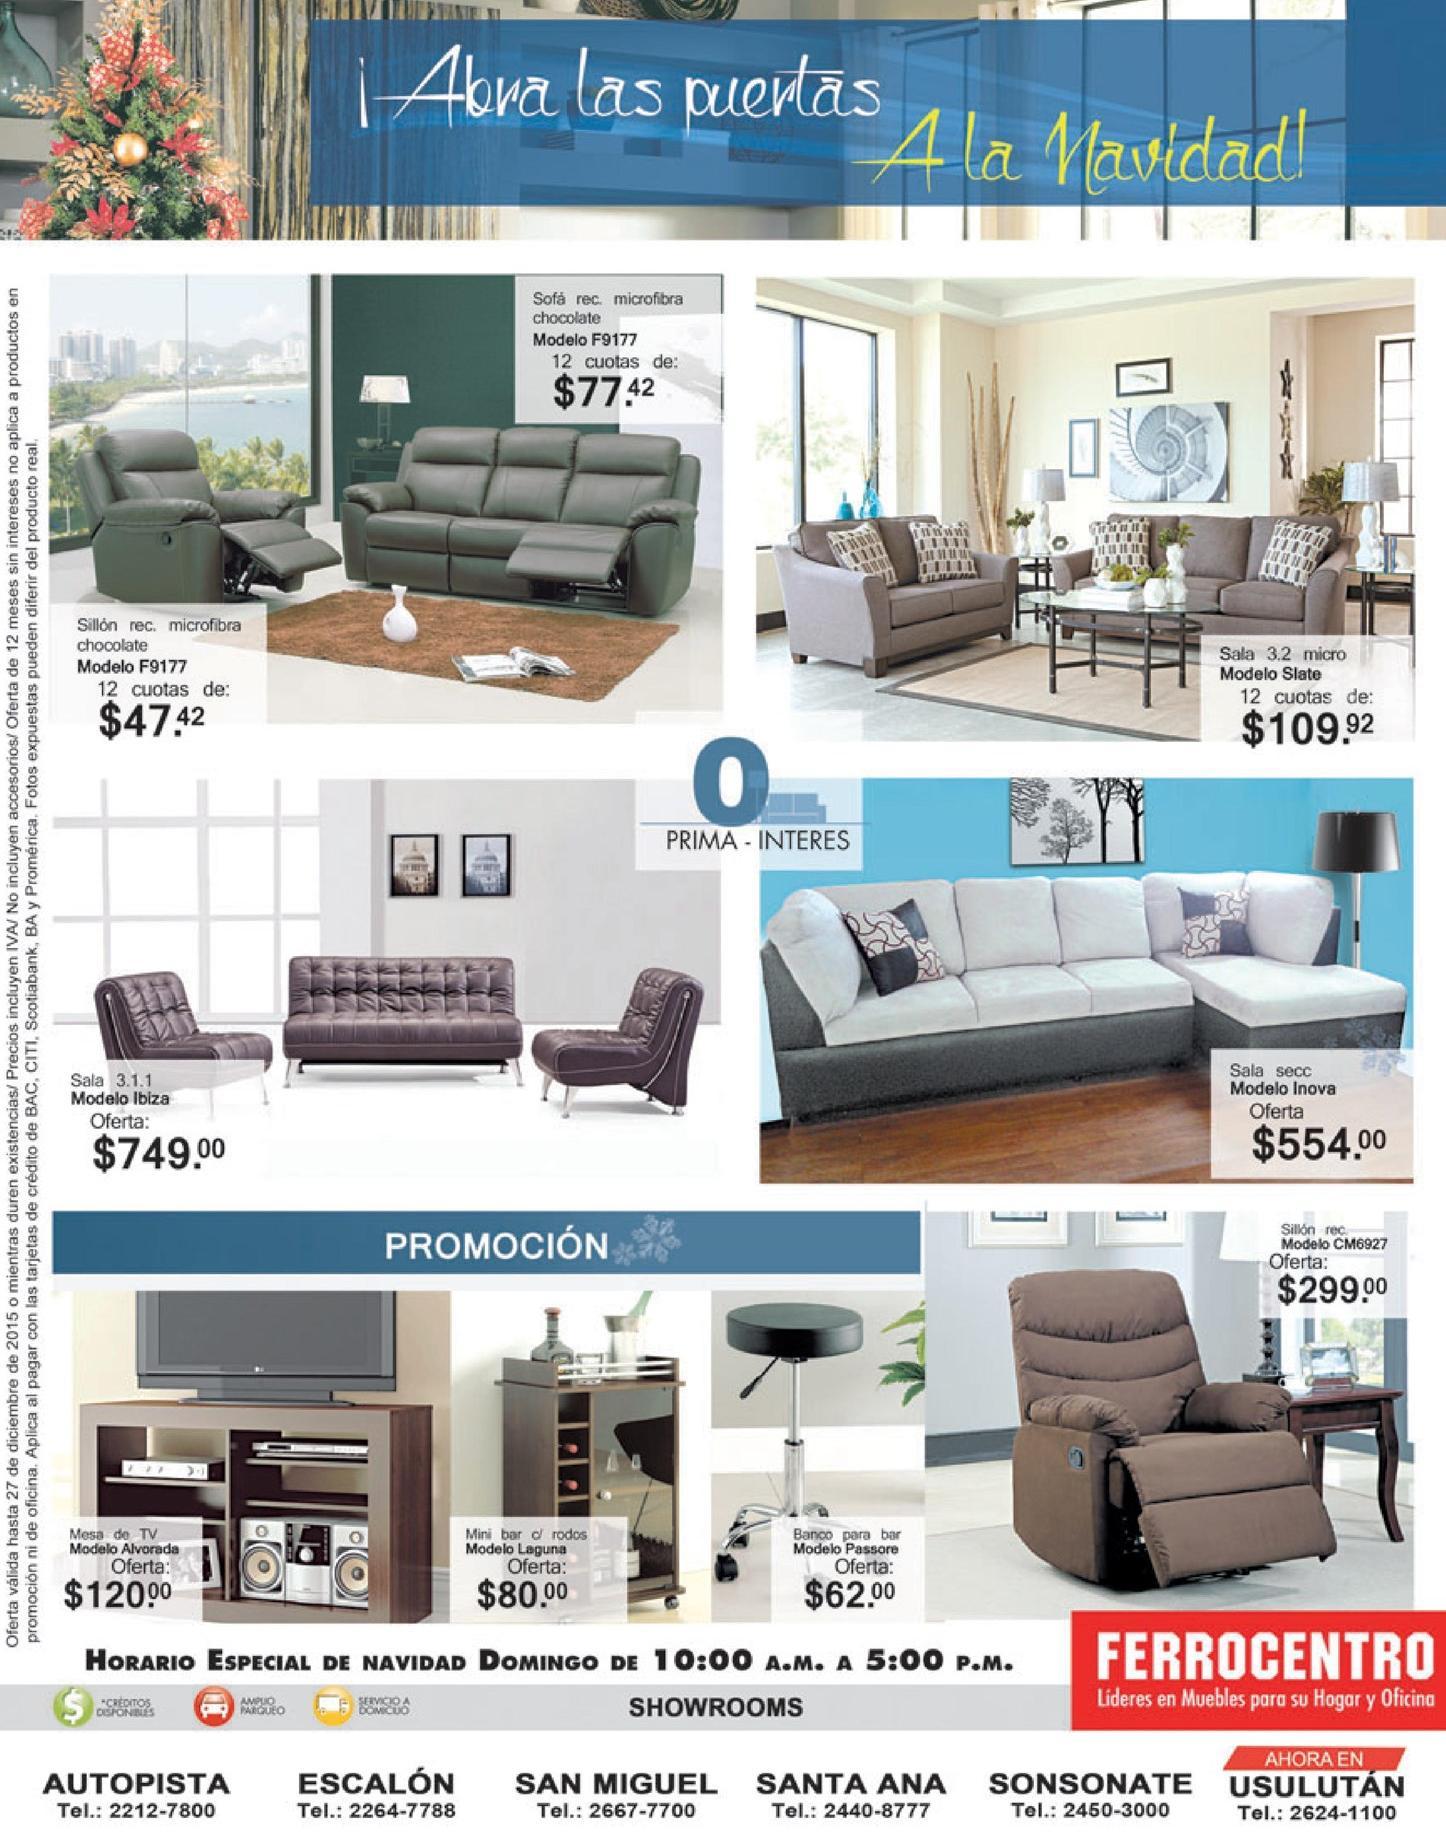 Promociones para renovar y decorar con muebles nuevos en navidad